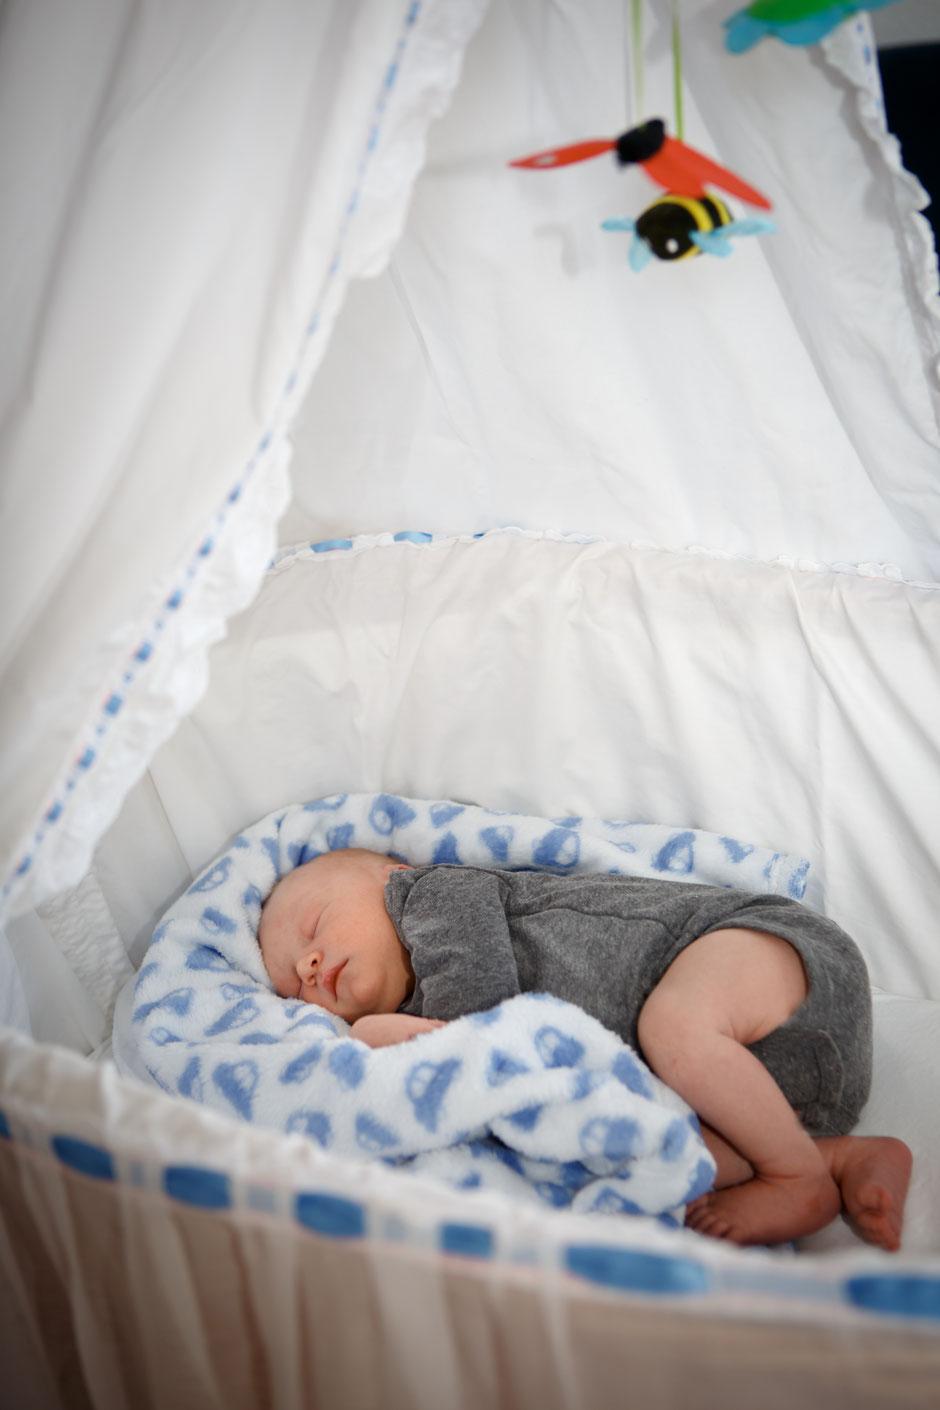 Neugeborenenfotos Dresden, Babyfotos Dresden, Fotograf Dresden Babyfotos, Babyshooting Dresden, Neugebornenenshooting Dresden, Fotostudio in Dresden, Newbornfotos Dresden. Fotograph Dresden